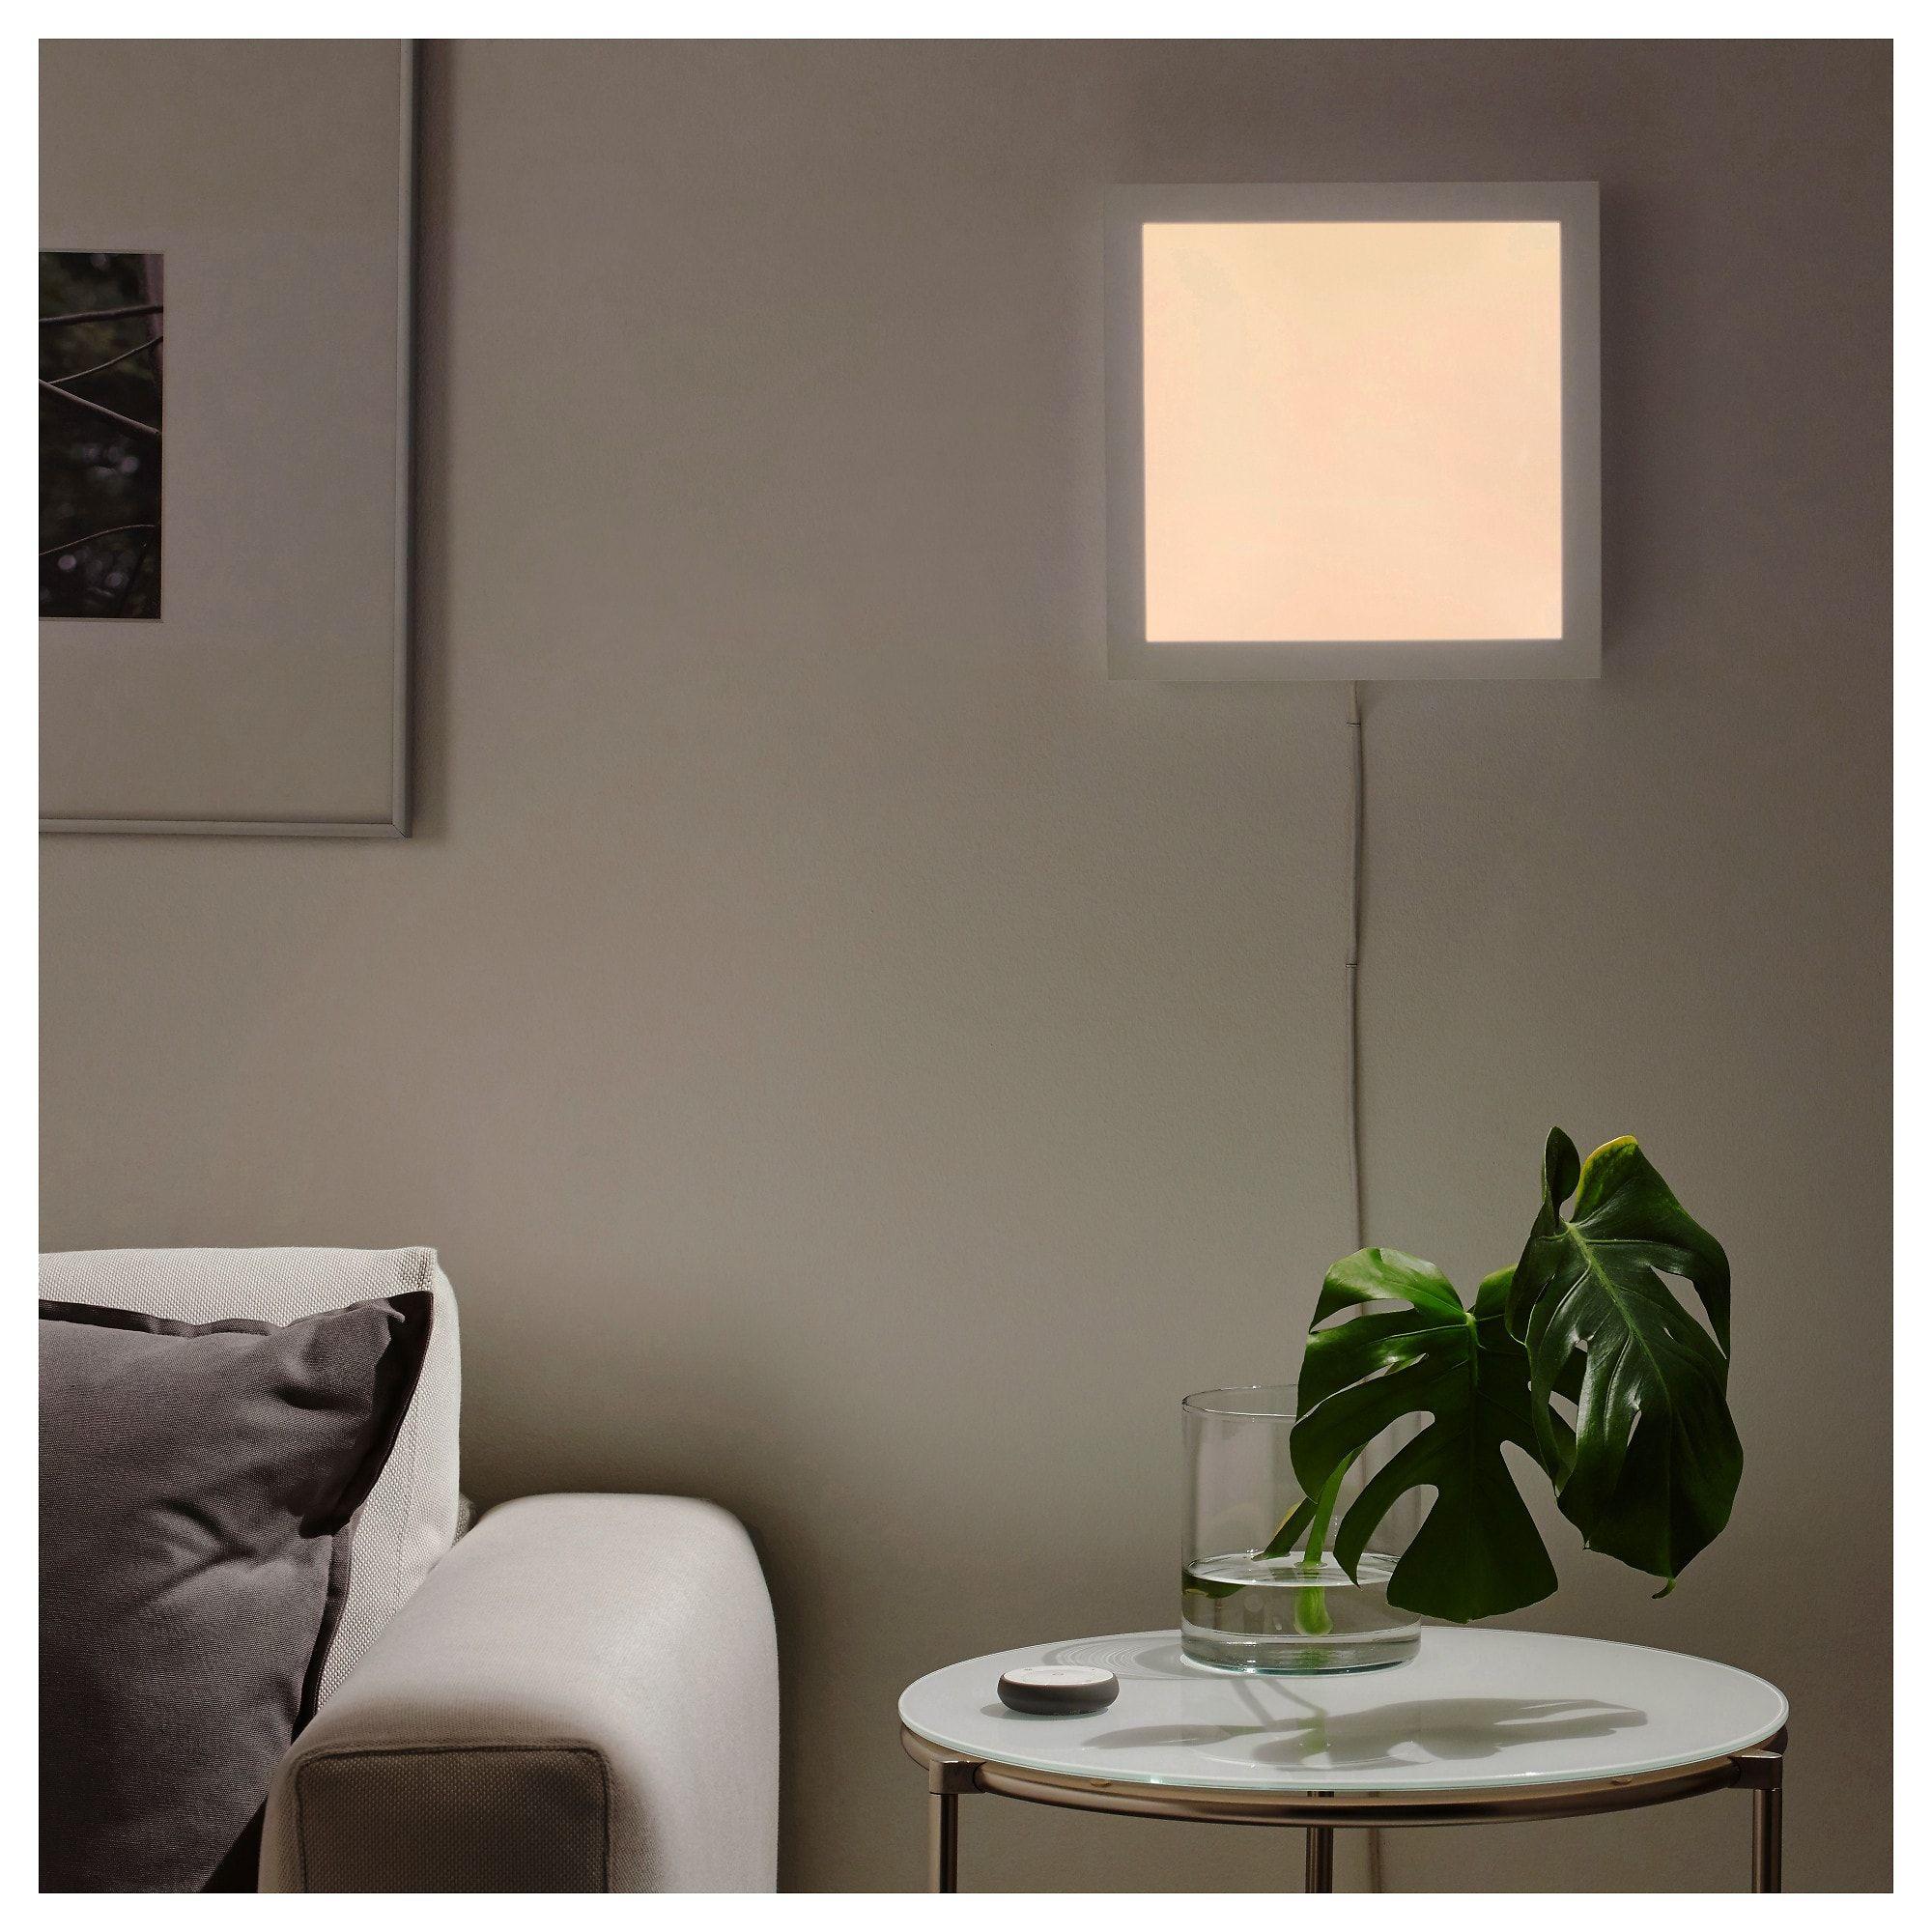 Floalt Led Lichtpaneel Dimmbar Weissspektrum Ikea Led Led Leuchten Lichtplatte